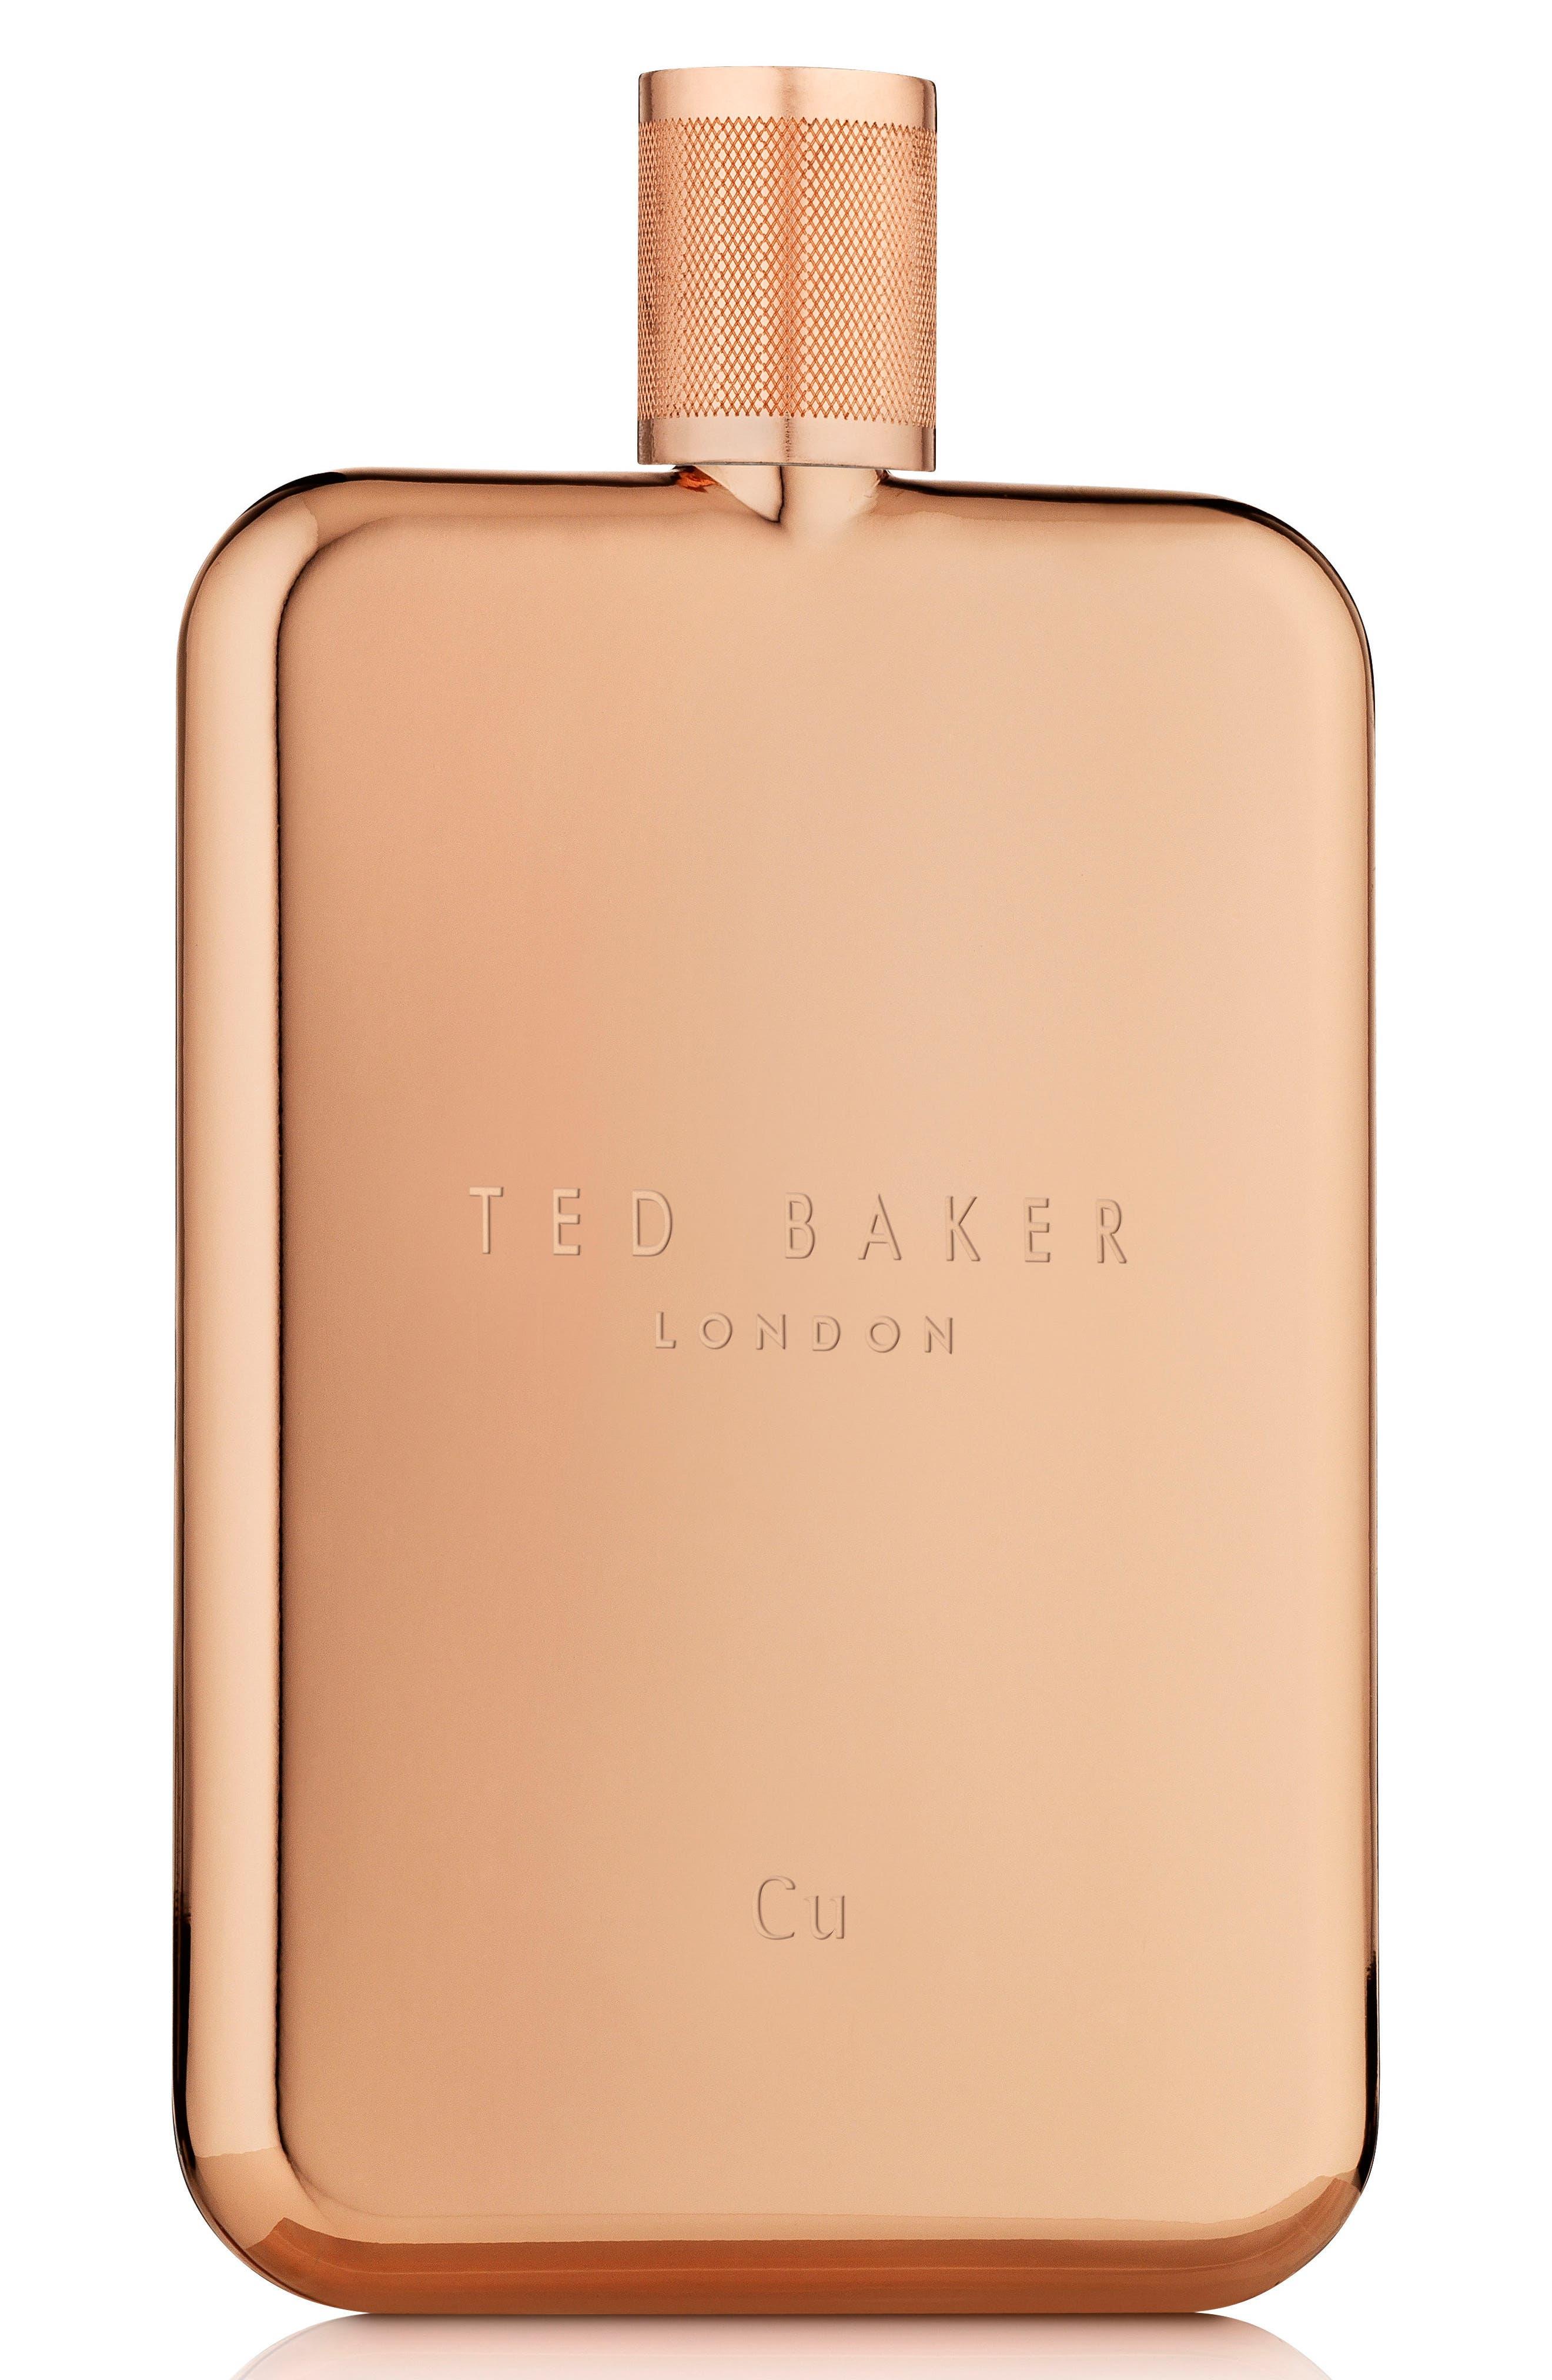 TED BAKER LONDON, Travel Tonic Cu Eau de Toilette, Main thumbnail 1, color, 000